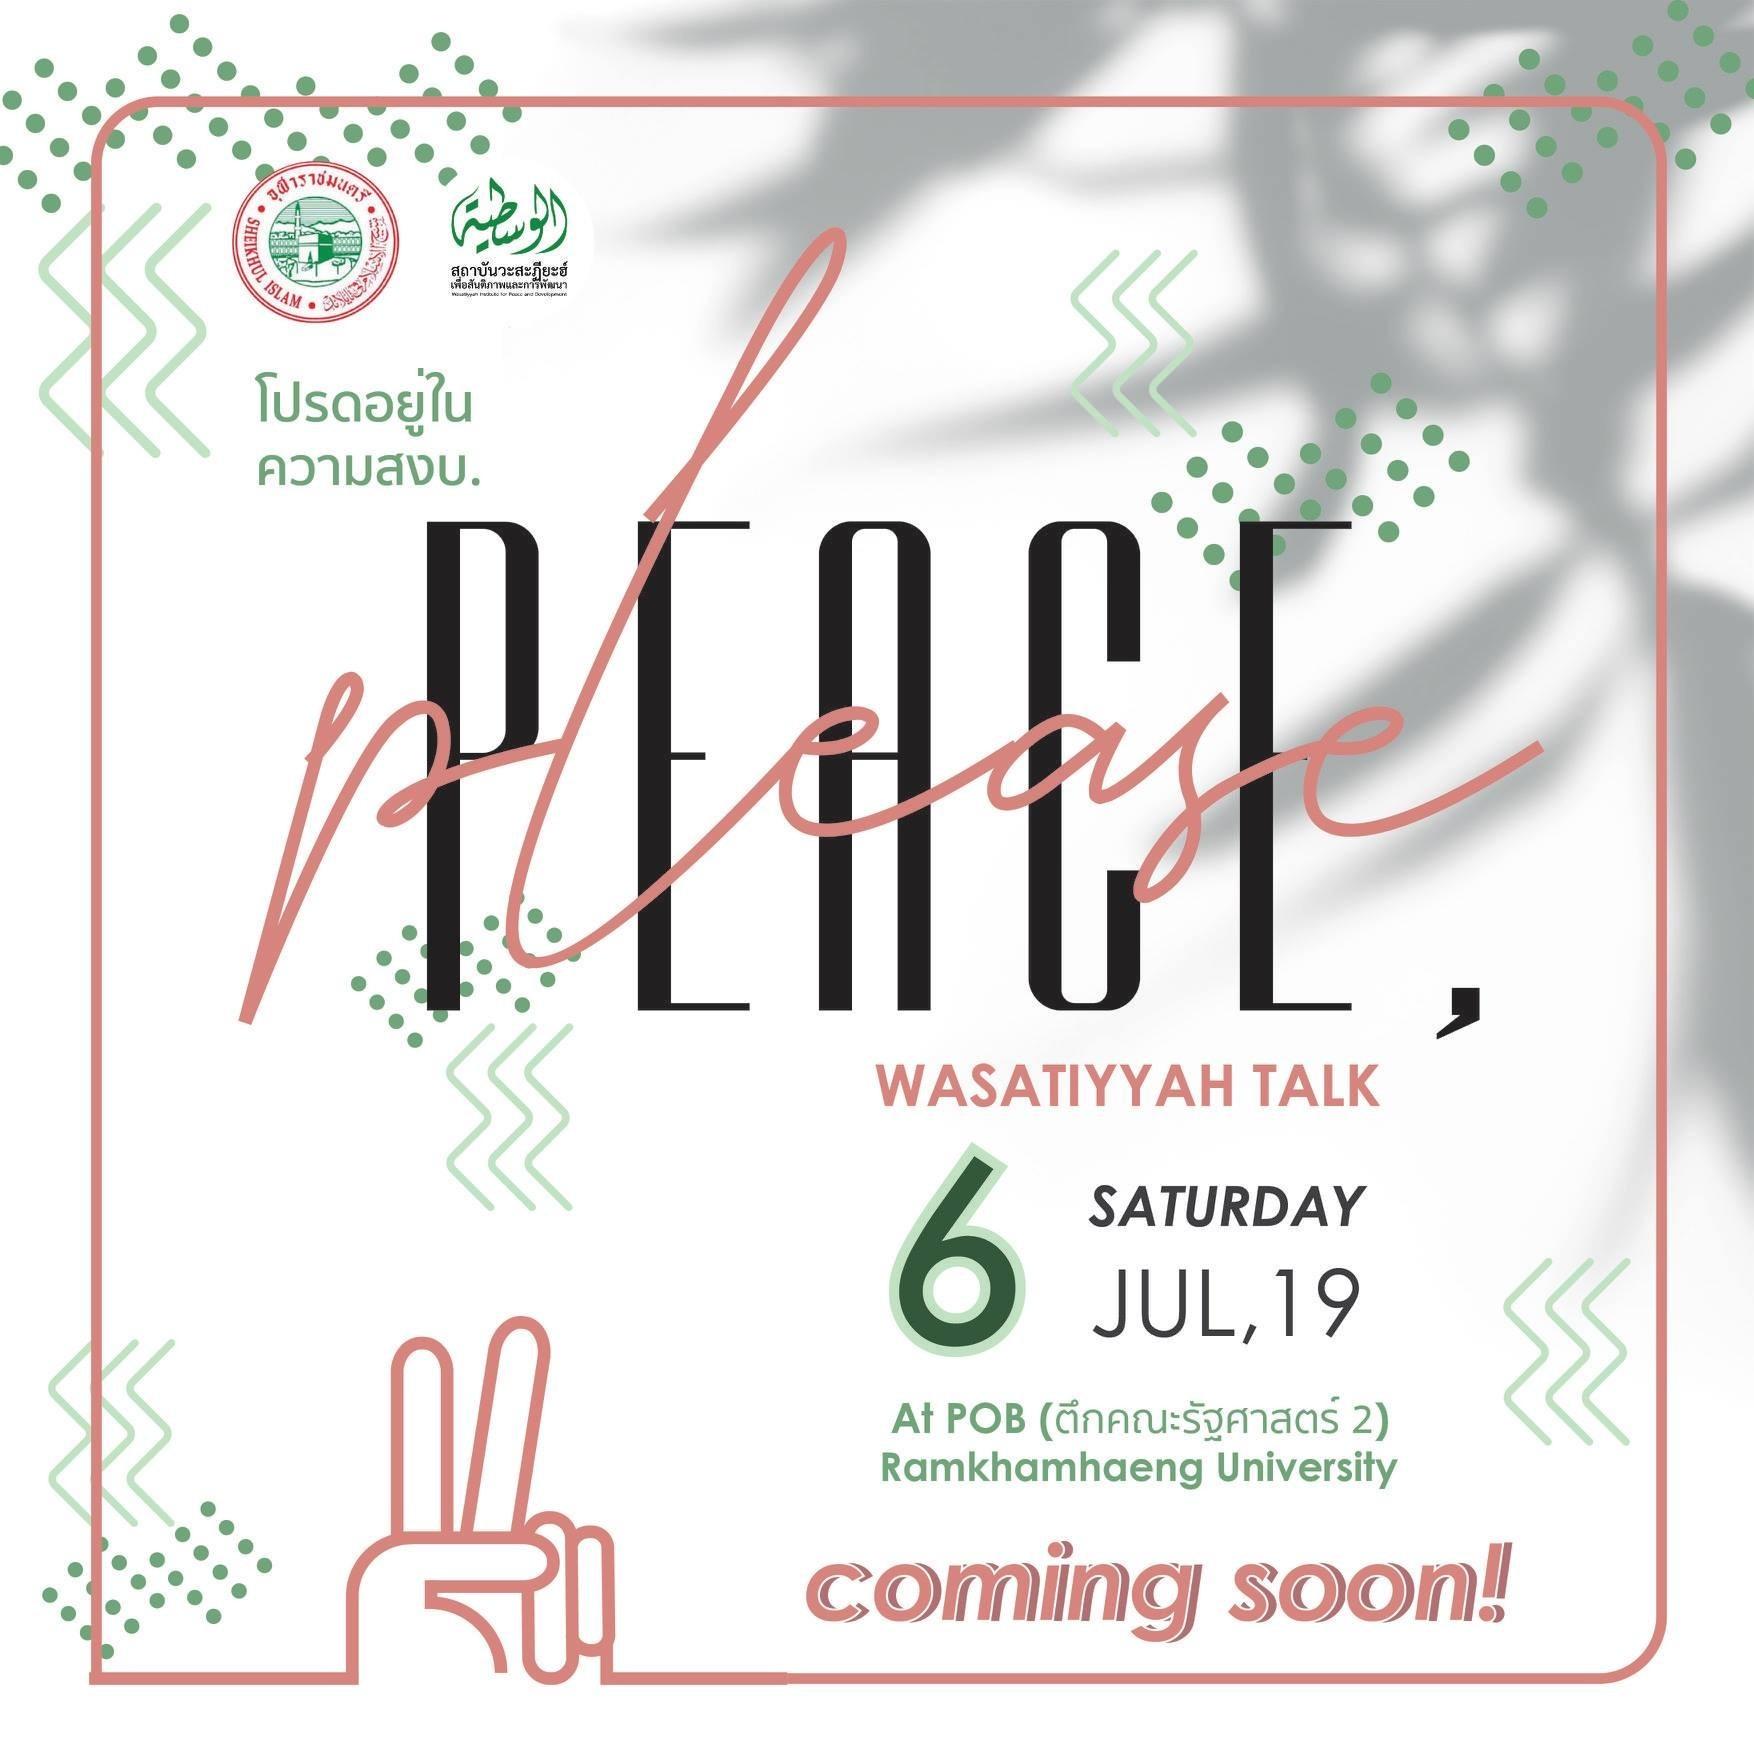 Wasatiyyah Talk 2019 : ดุลยภาพแห่งอิสลามสู่สังคมแห่งสันติภาพและการพัฒนา